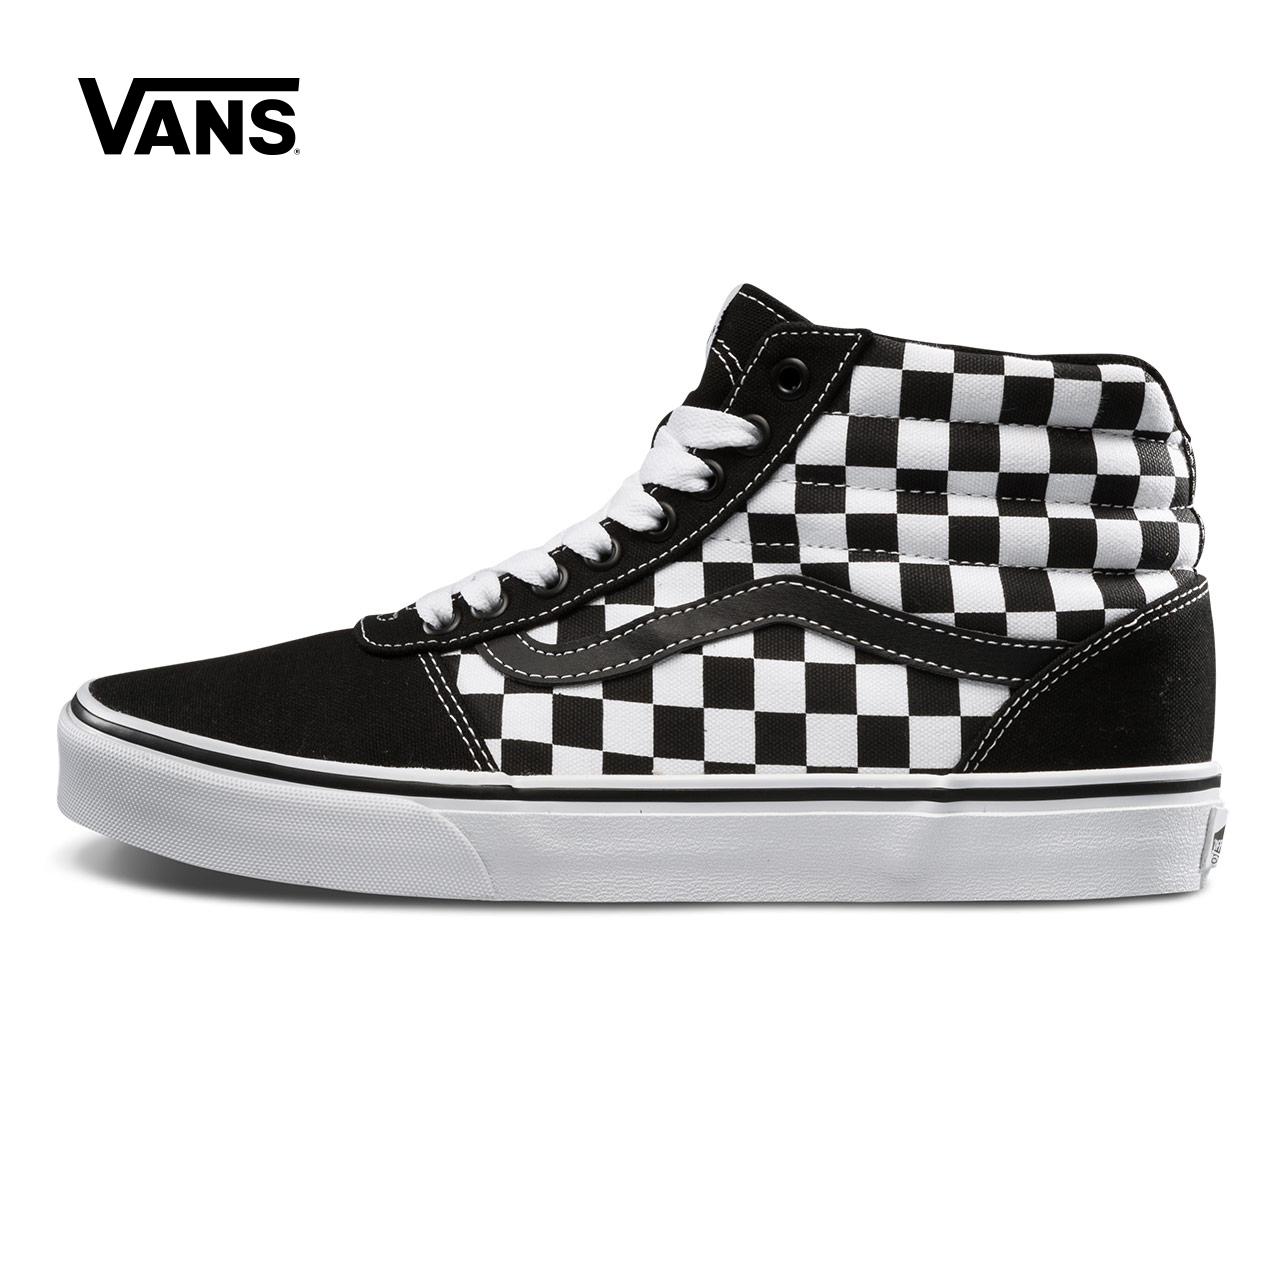 Vans/范斯秋季黑白棋盘格男款帆布鞋|VN0A38DN5GX